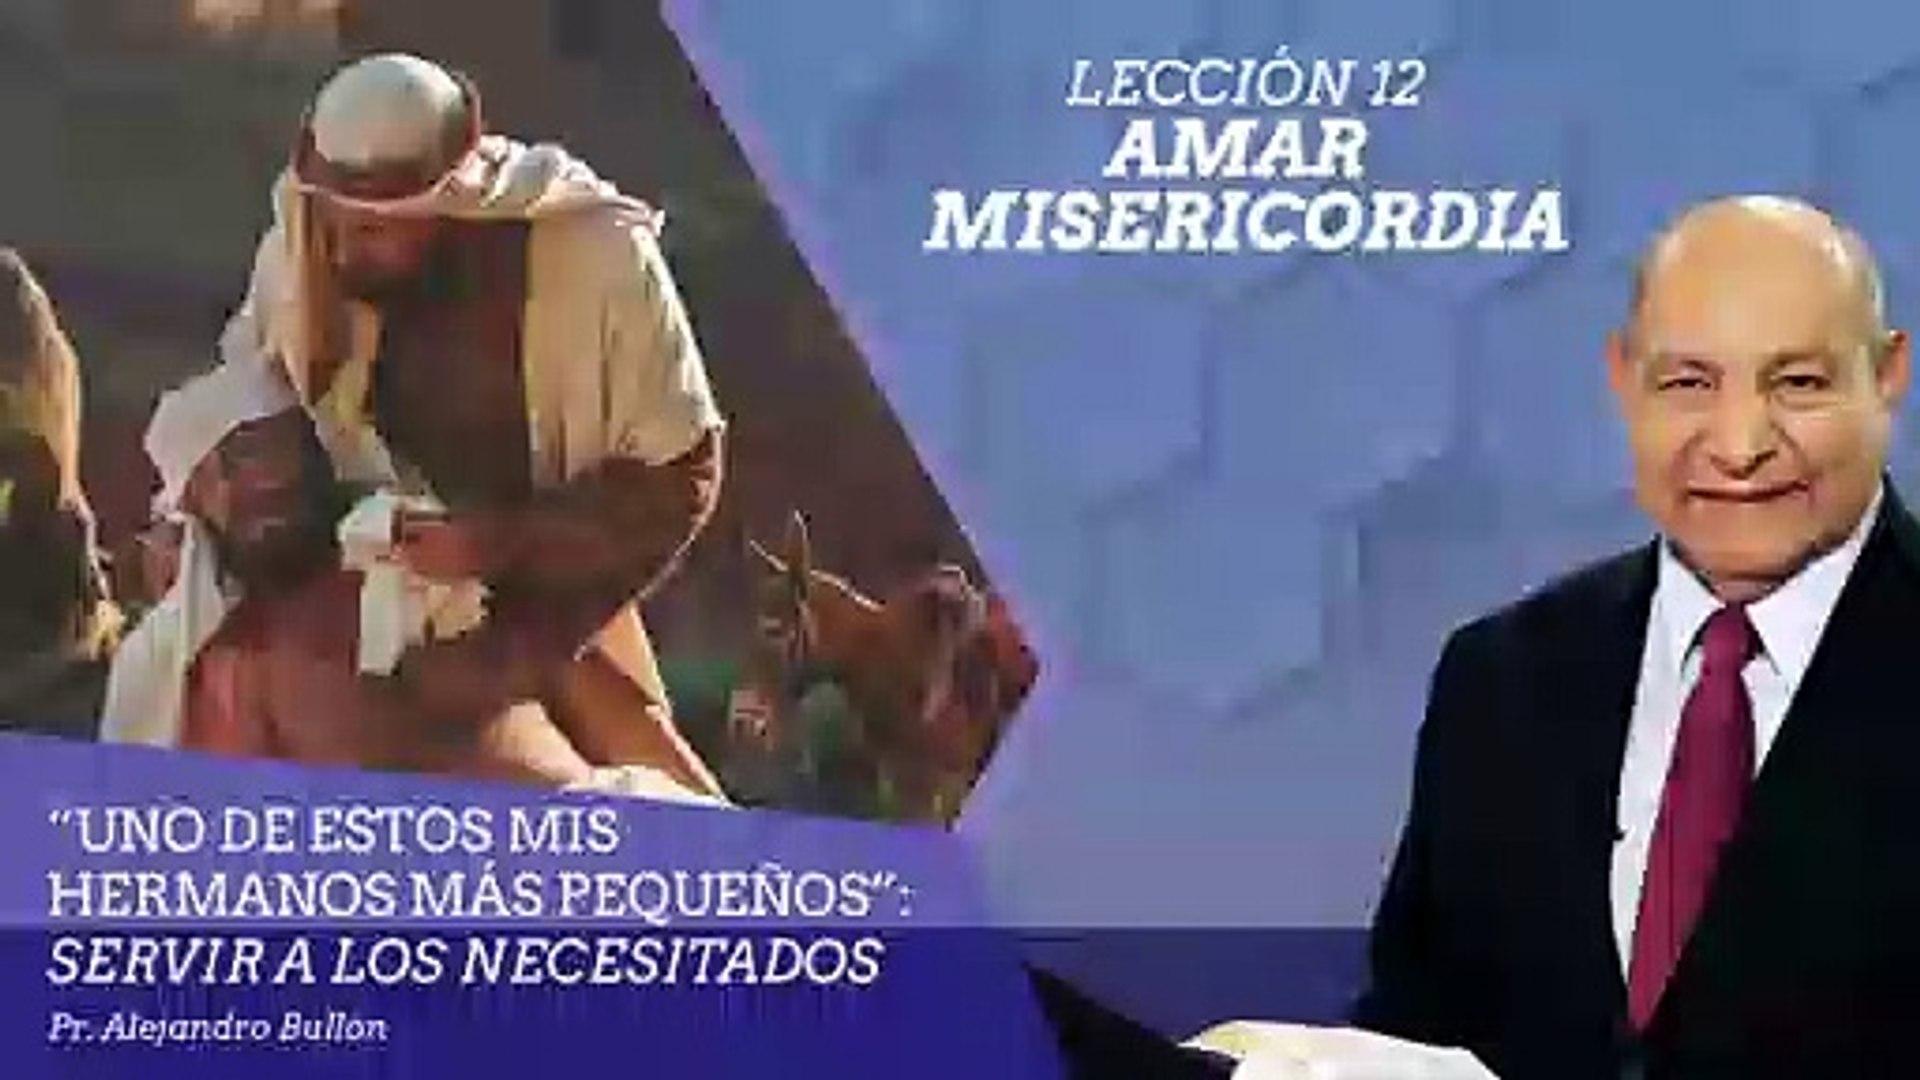 Lección 12: Amar misericordia - Ptr. Alejandro Bullón